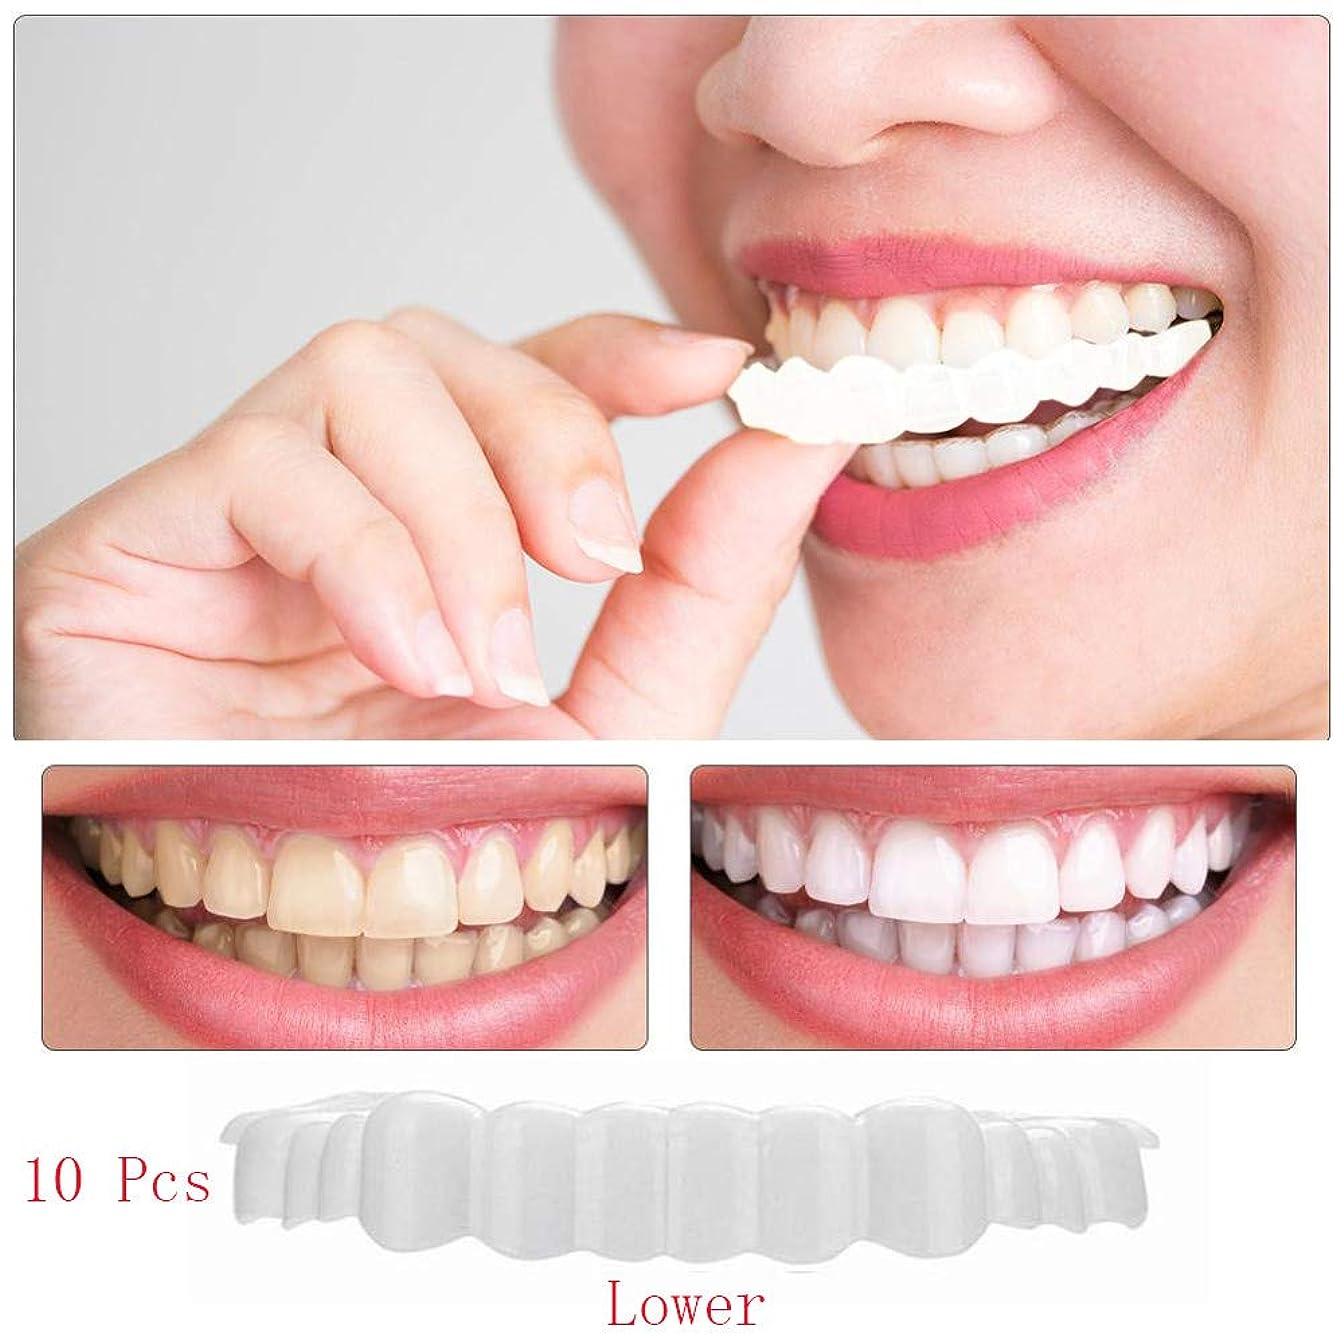 誇大妄想書誌比較10ピース模擬快適歯下ホワイトニング歯化粧品歯科用化粧品義歯カバーケアクリエイティブ歯一時的な笑顔義歯